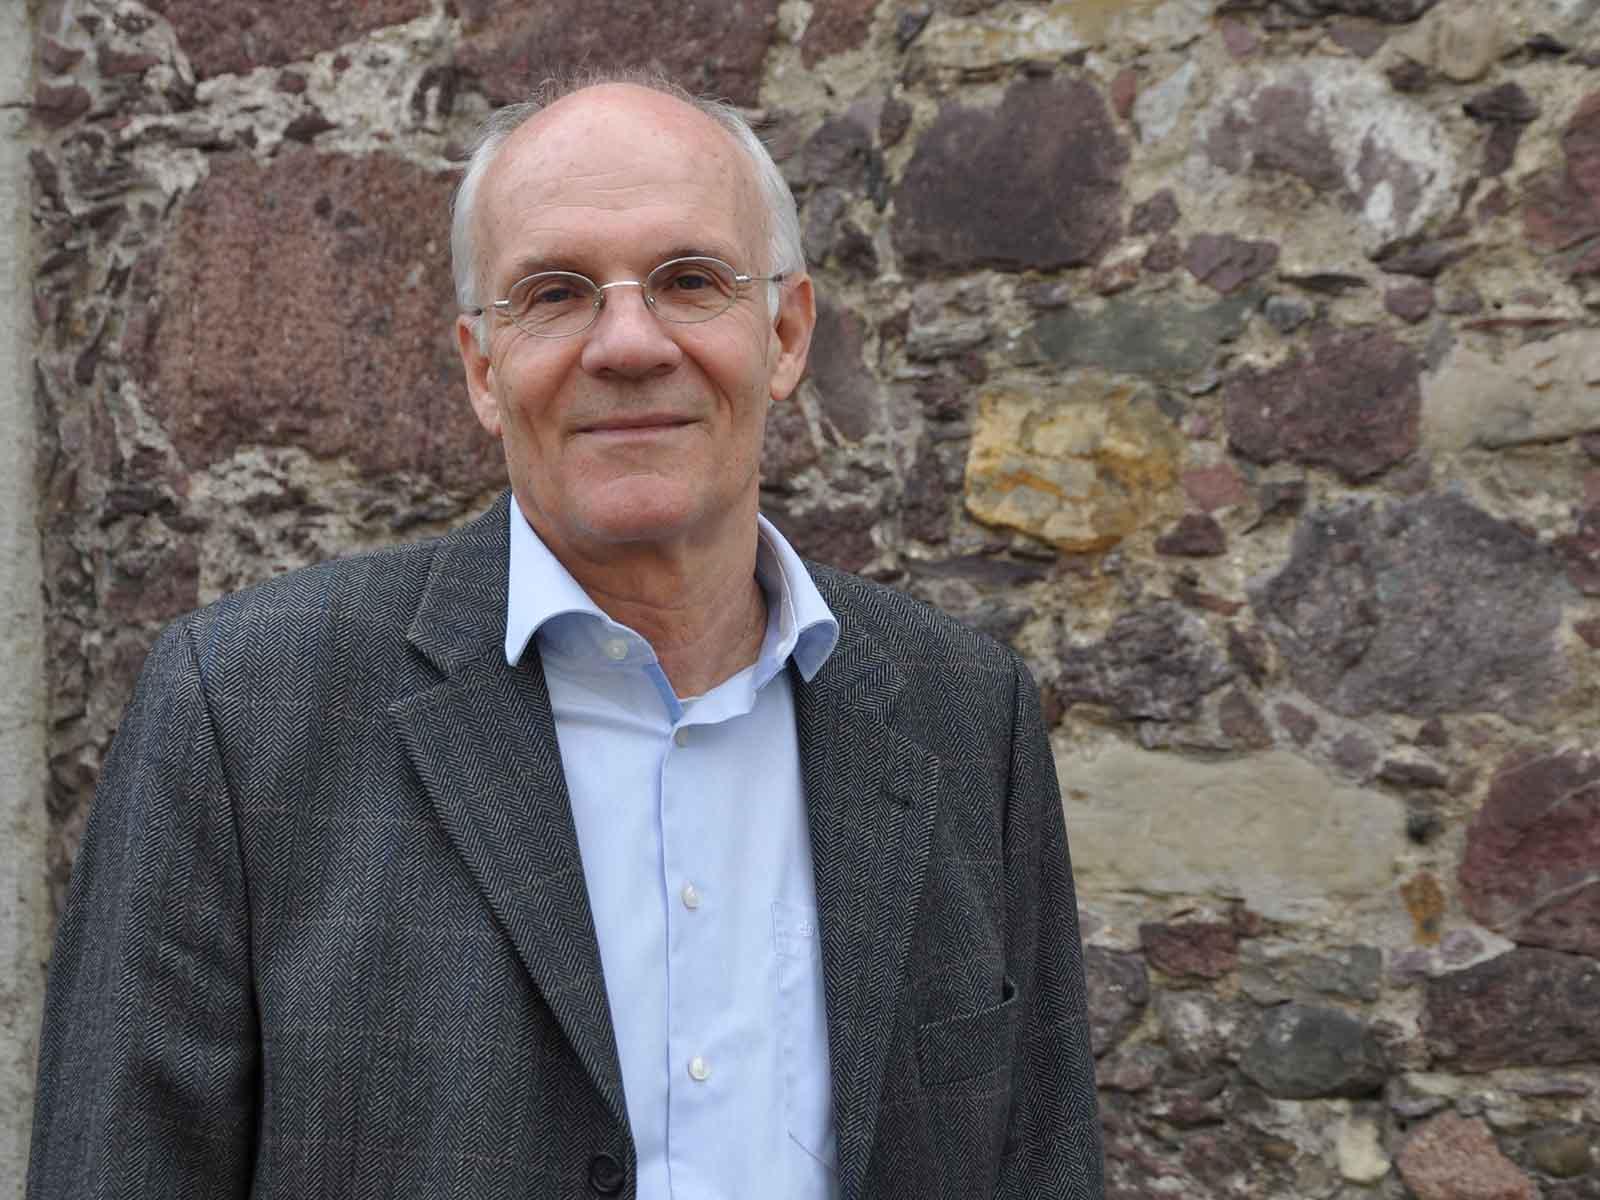 """Höngger und Polizeireporter Stefan Hohler präsentiert sein neues Buch """"13 Mordfälle und ein Amour fou""""."""